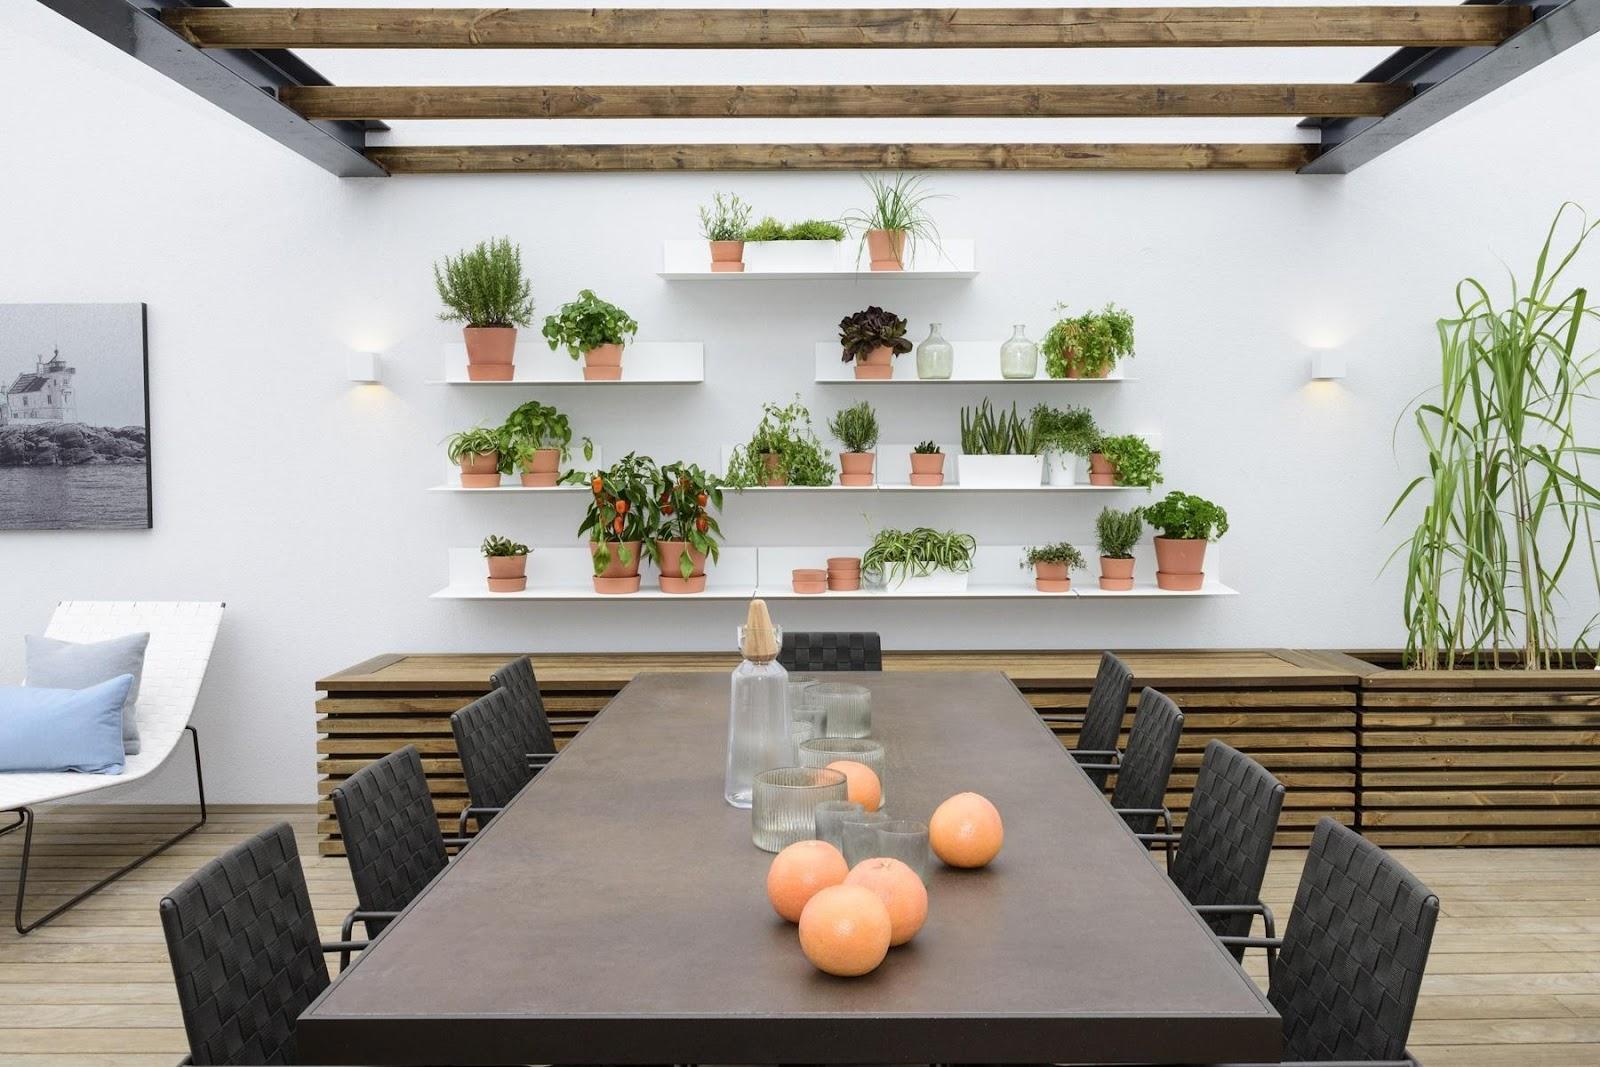 Brug planter til at tilføje farver til terrassen